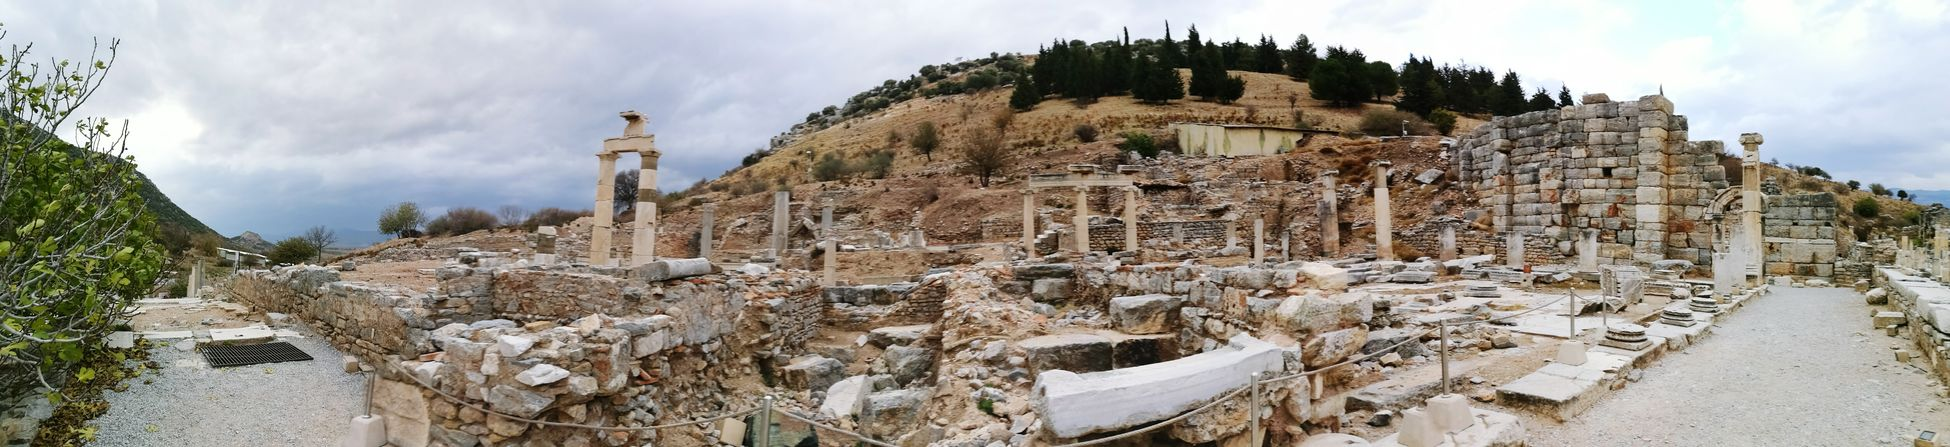 Ephesus Ephesus Ruins Ephesus - Turkey Roman History Greek History Helenistik